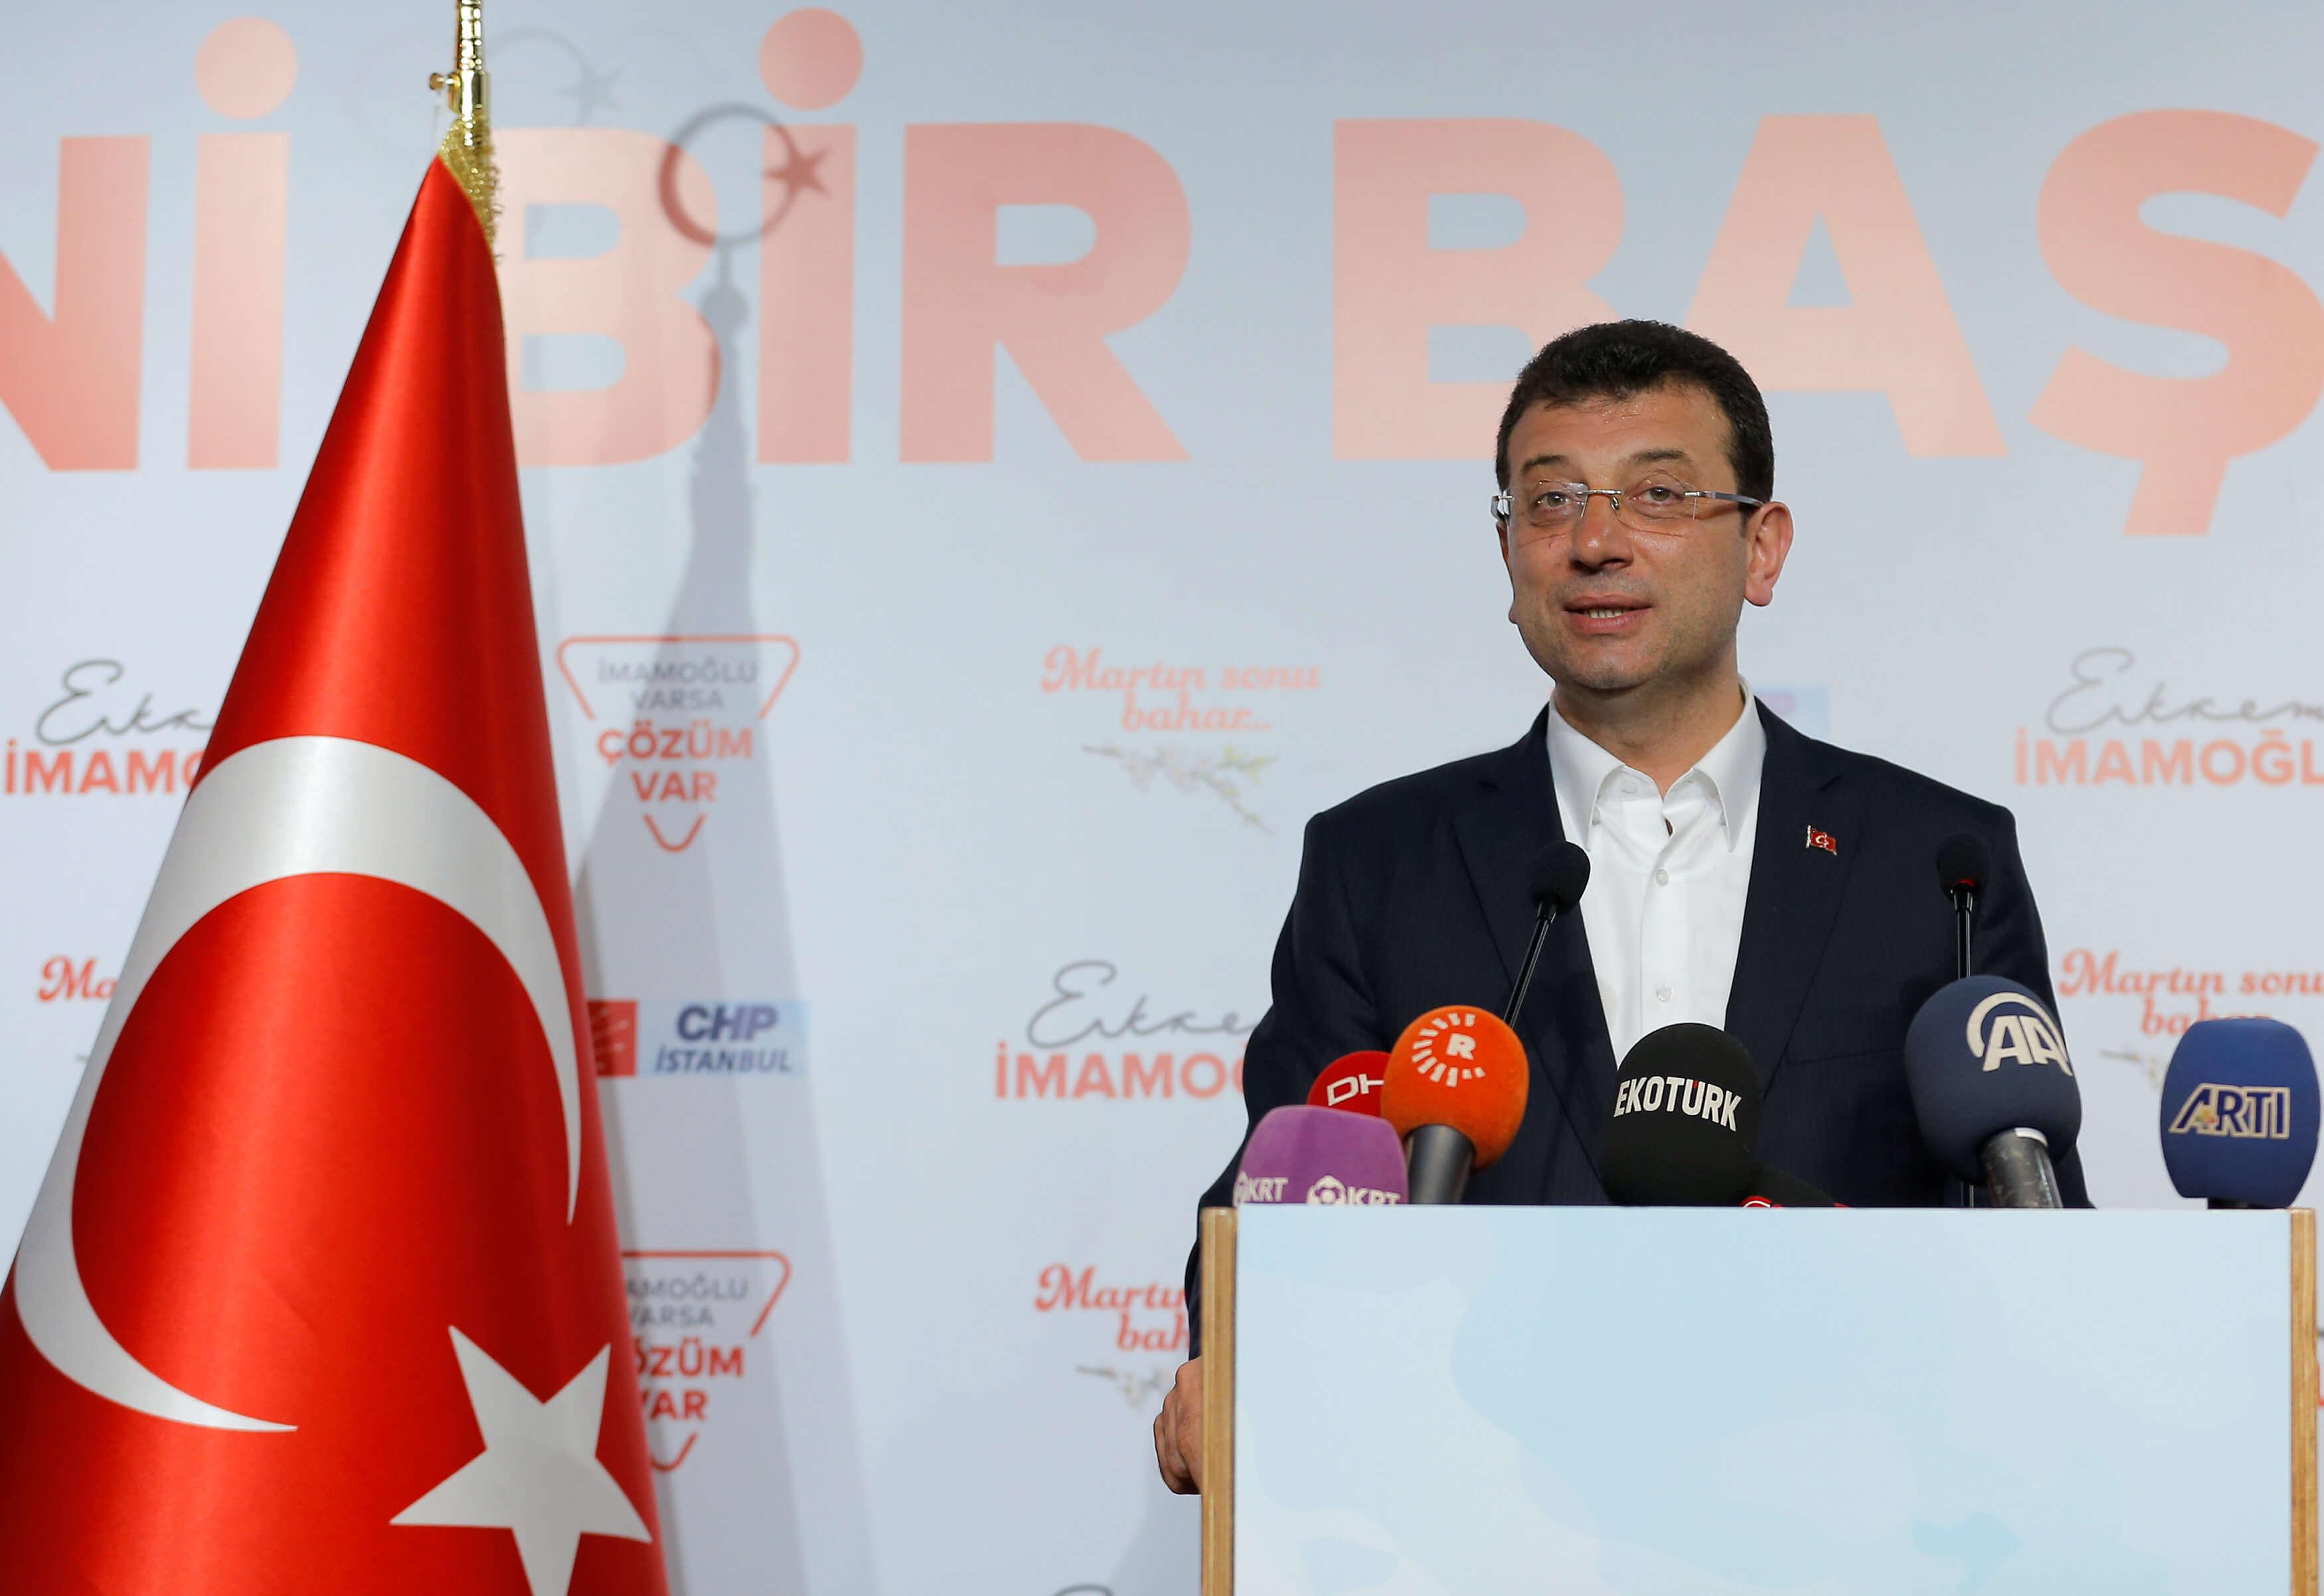 Τουρκία – Κορονοϊός:Lockdown στην Κωνσταντινούπολη ζητάει ο Ιμάμογλου